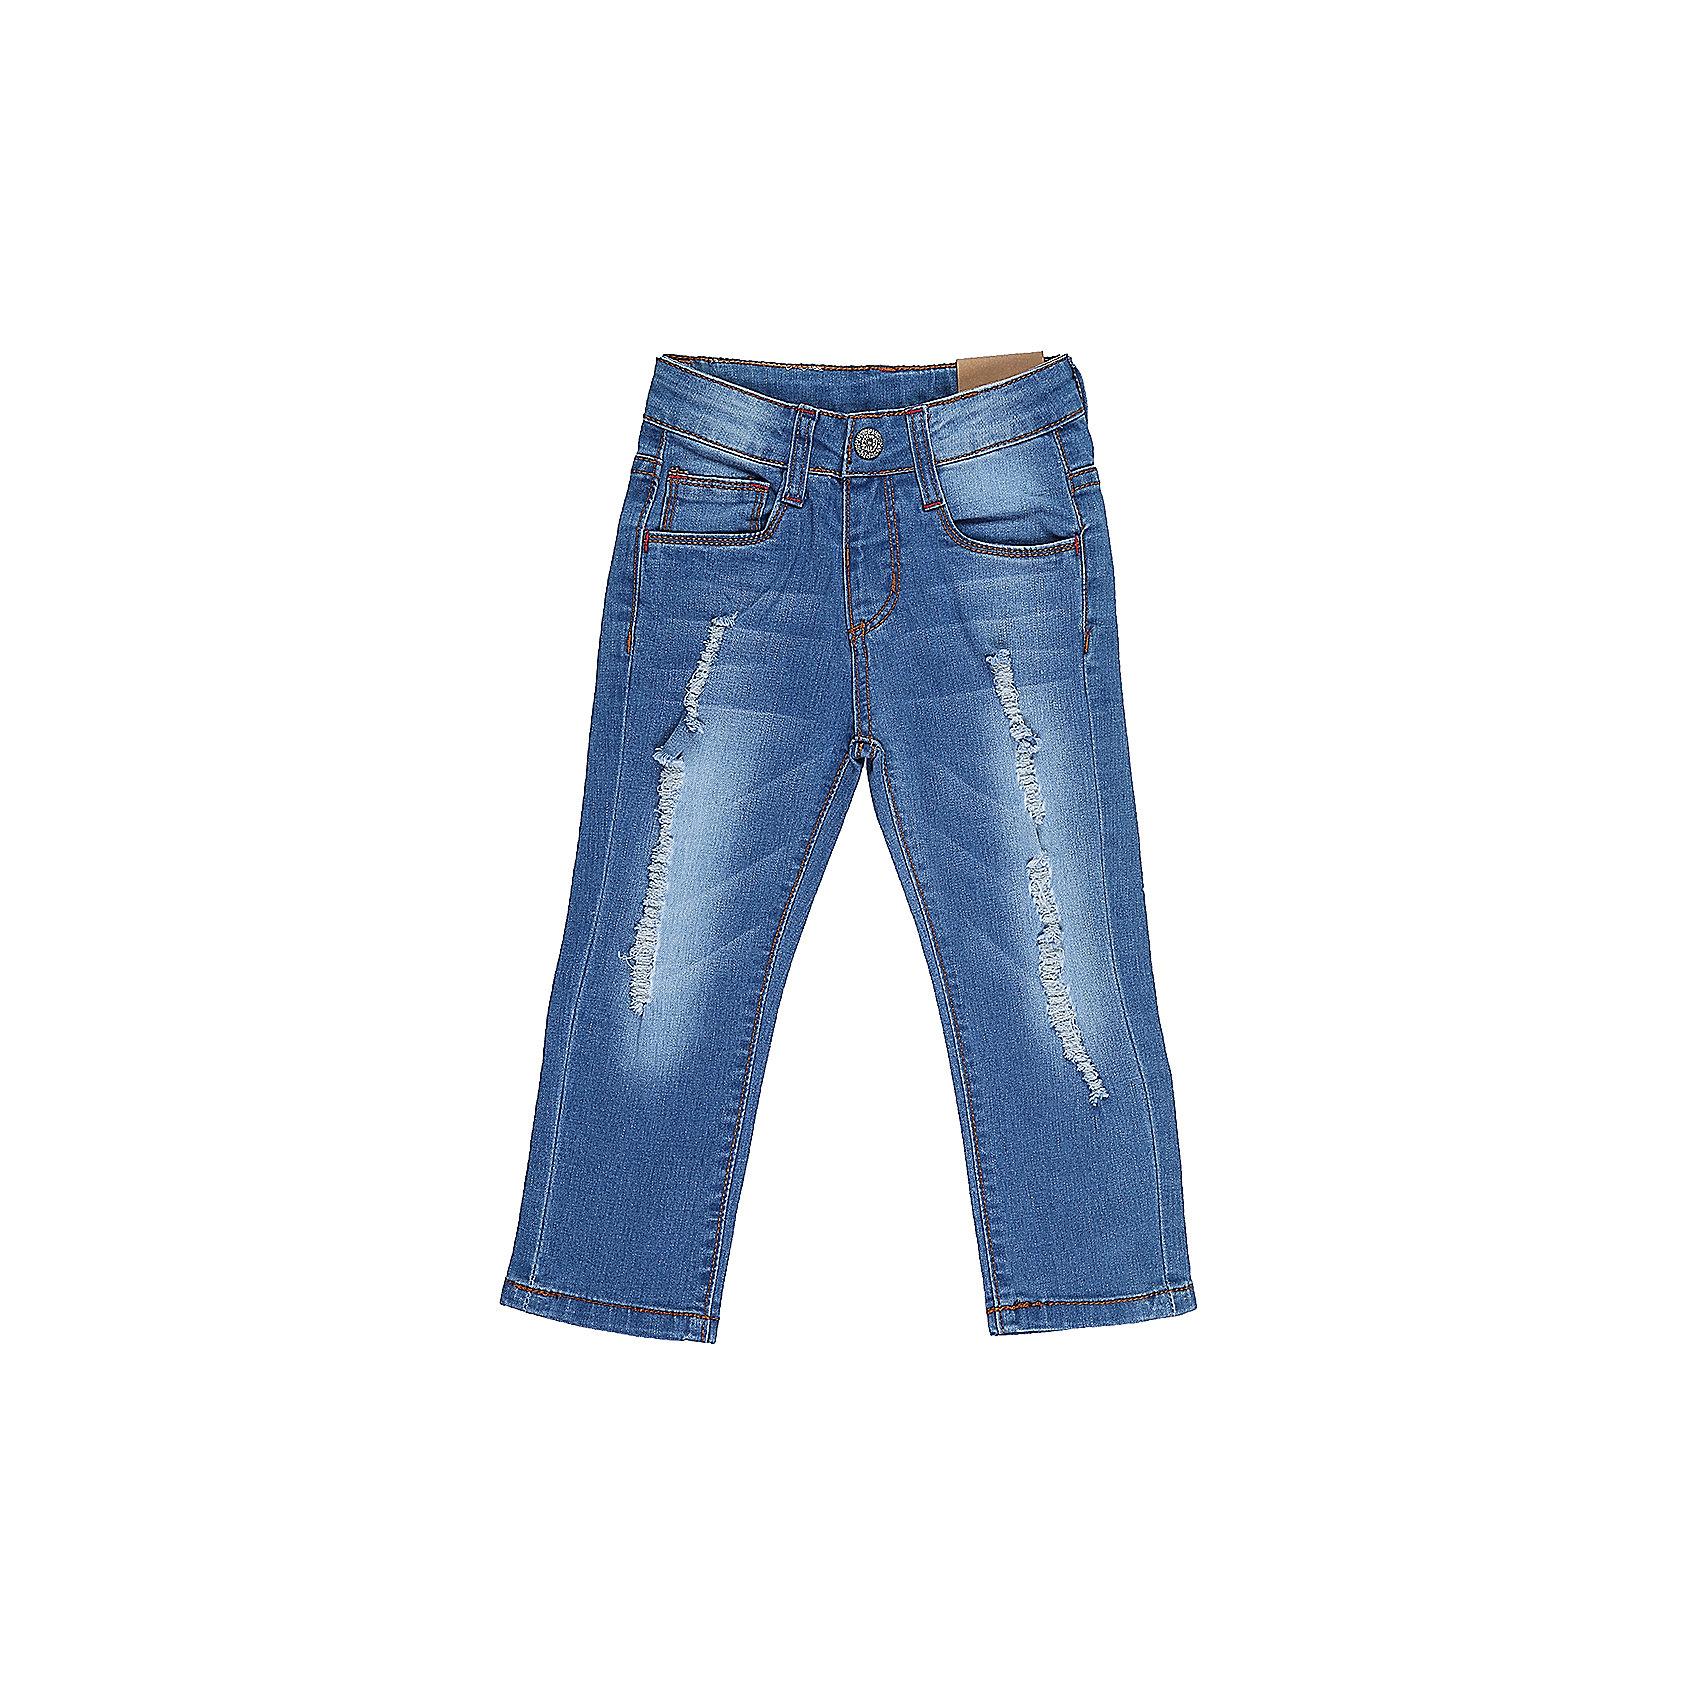 Джинсы для девочки Sweet BerryДжинсовая одежда<br>Джинсы  для девочки из хлопковой ткани, декорированы потертостями и эффектом рванной джинсы. Зауженный крой, средняя посадка. Застегиваются на молнию и крючок. Шлевки на поясе рассчитаны под ремень. В боковой части пояса находятся вшитые эластичные ленты, регулирующие посадку по талии.<br>Состав:<br>98%хлопок 2%эластан<br><br>Ширина мм: 215<br>Глубина мм: 88<br>Высота мм: 191<br>Вес г: 336<br>Цвет: синий<br>Возраст от месяцев: 18<br>Возраст до месяцев: 24<br>Пол: Женский<br>Возраст: Детский<br>Размер: 92,98,80,86<br>SKU: 5411120